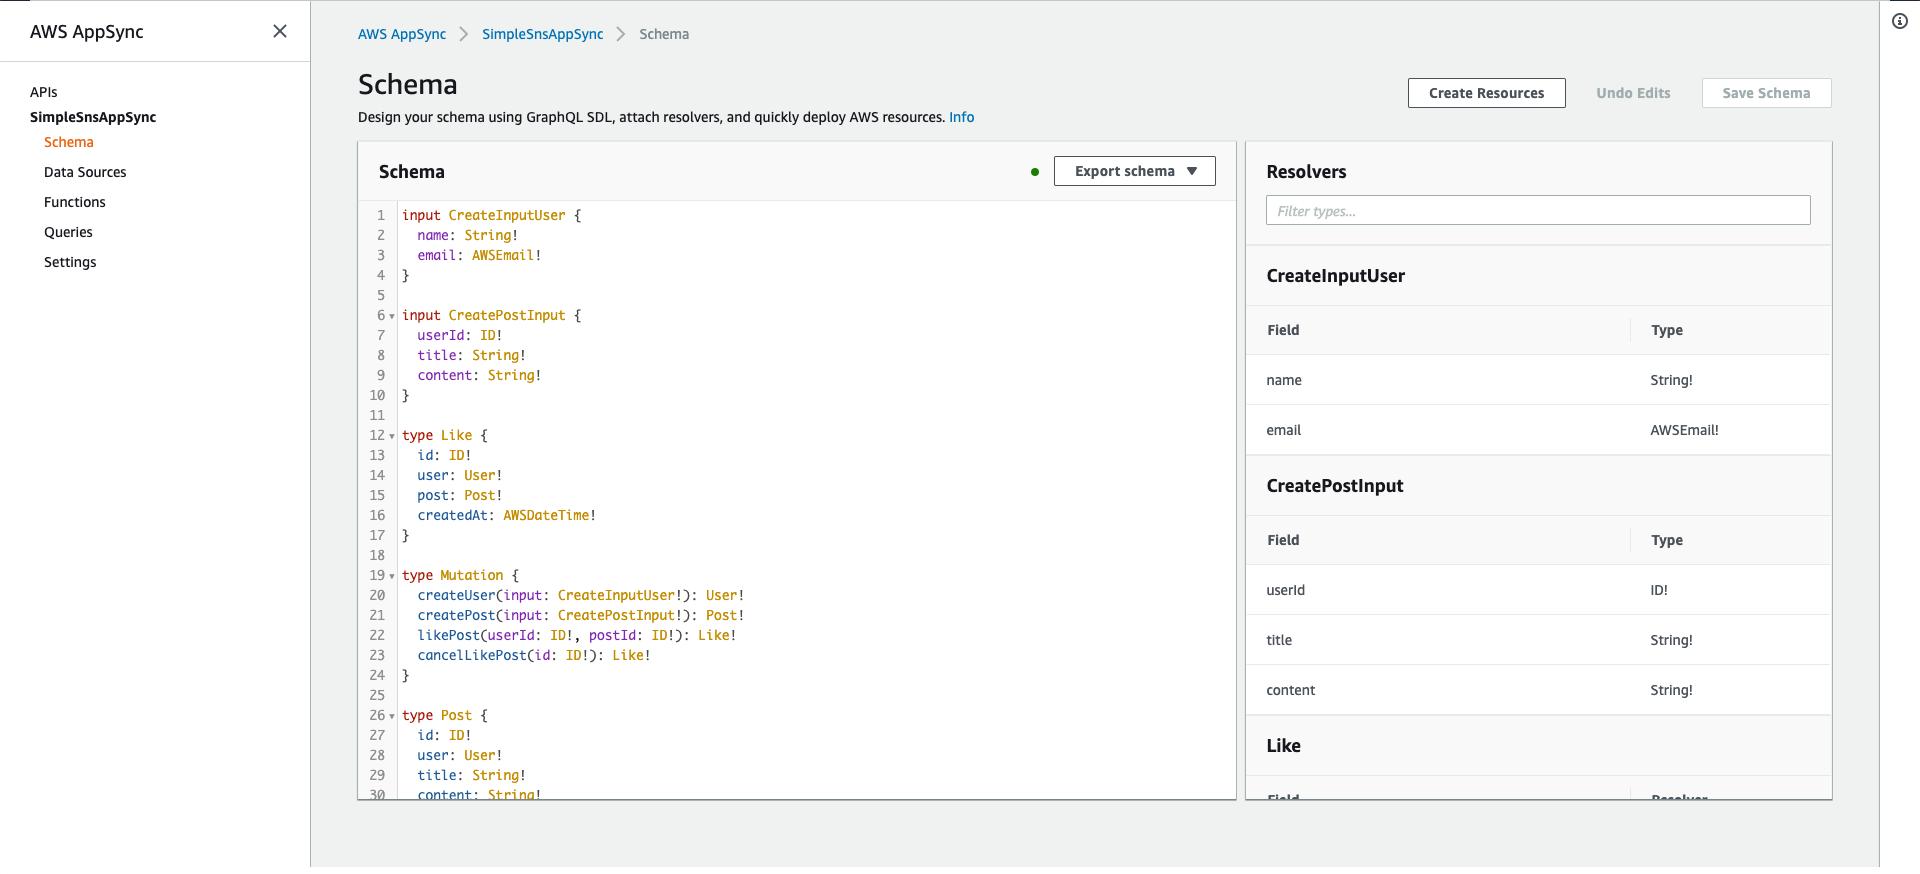 appsync-schema-page